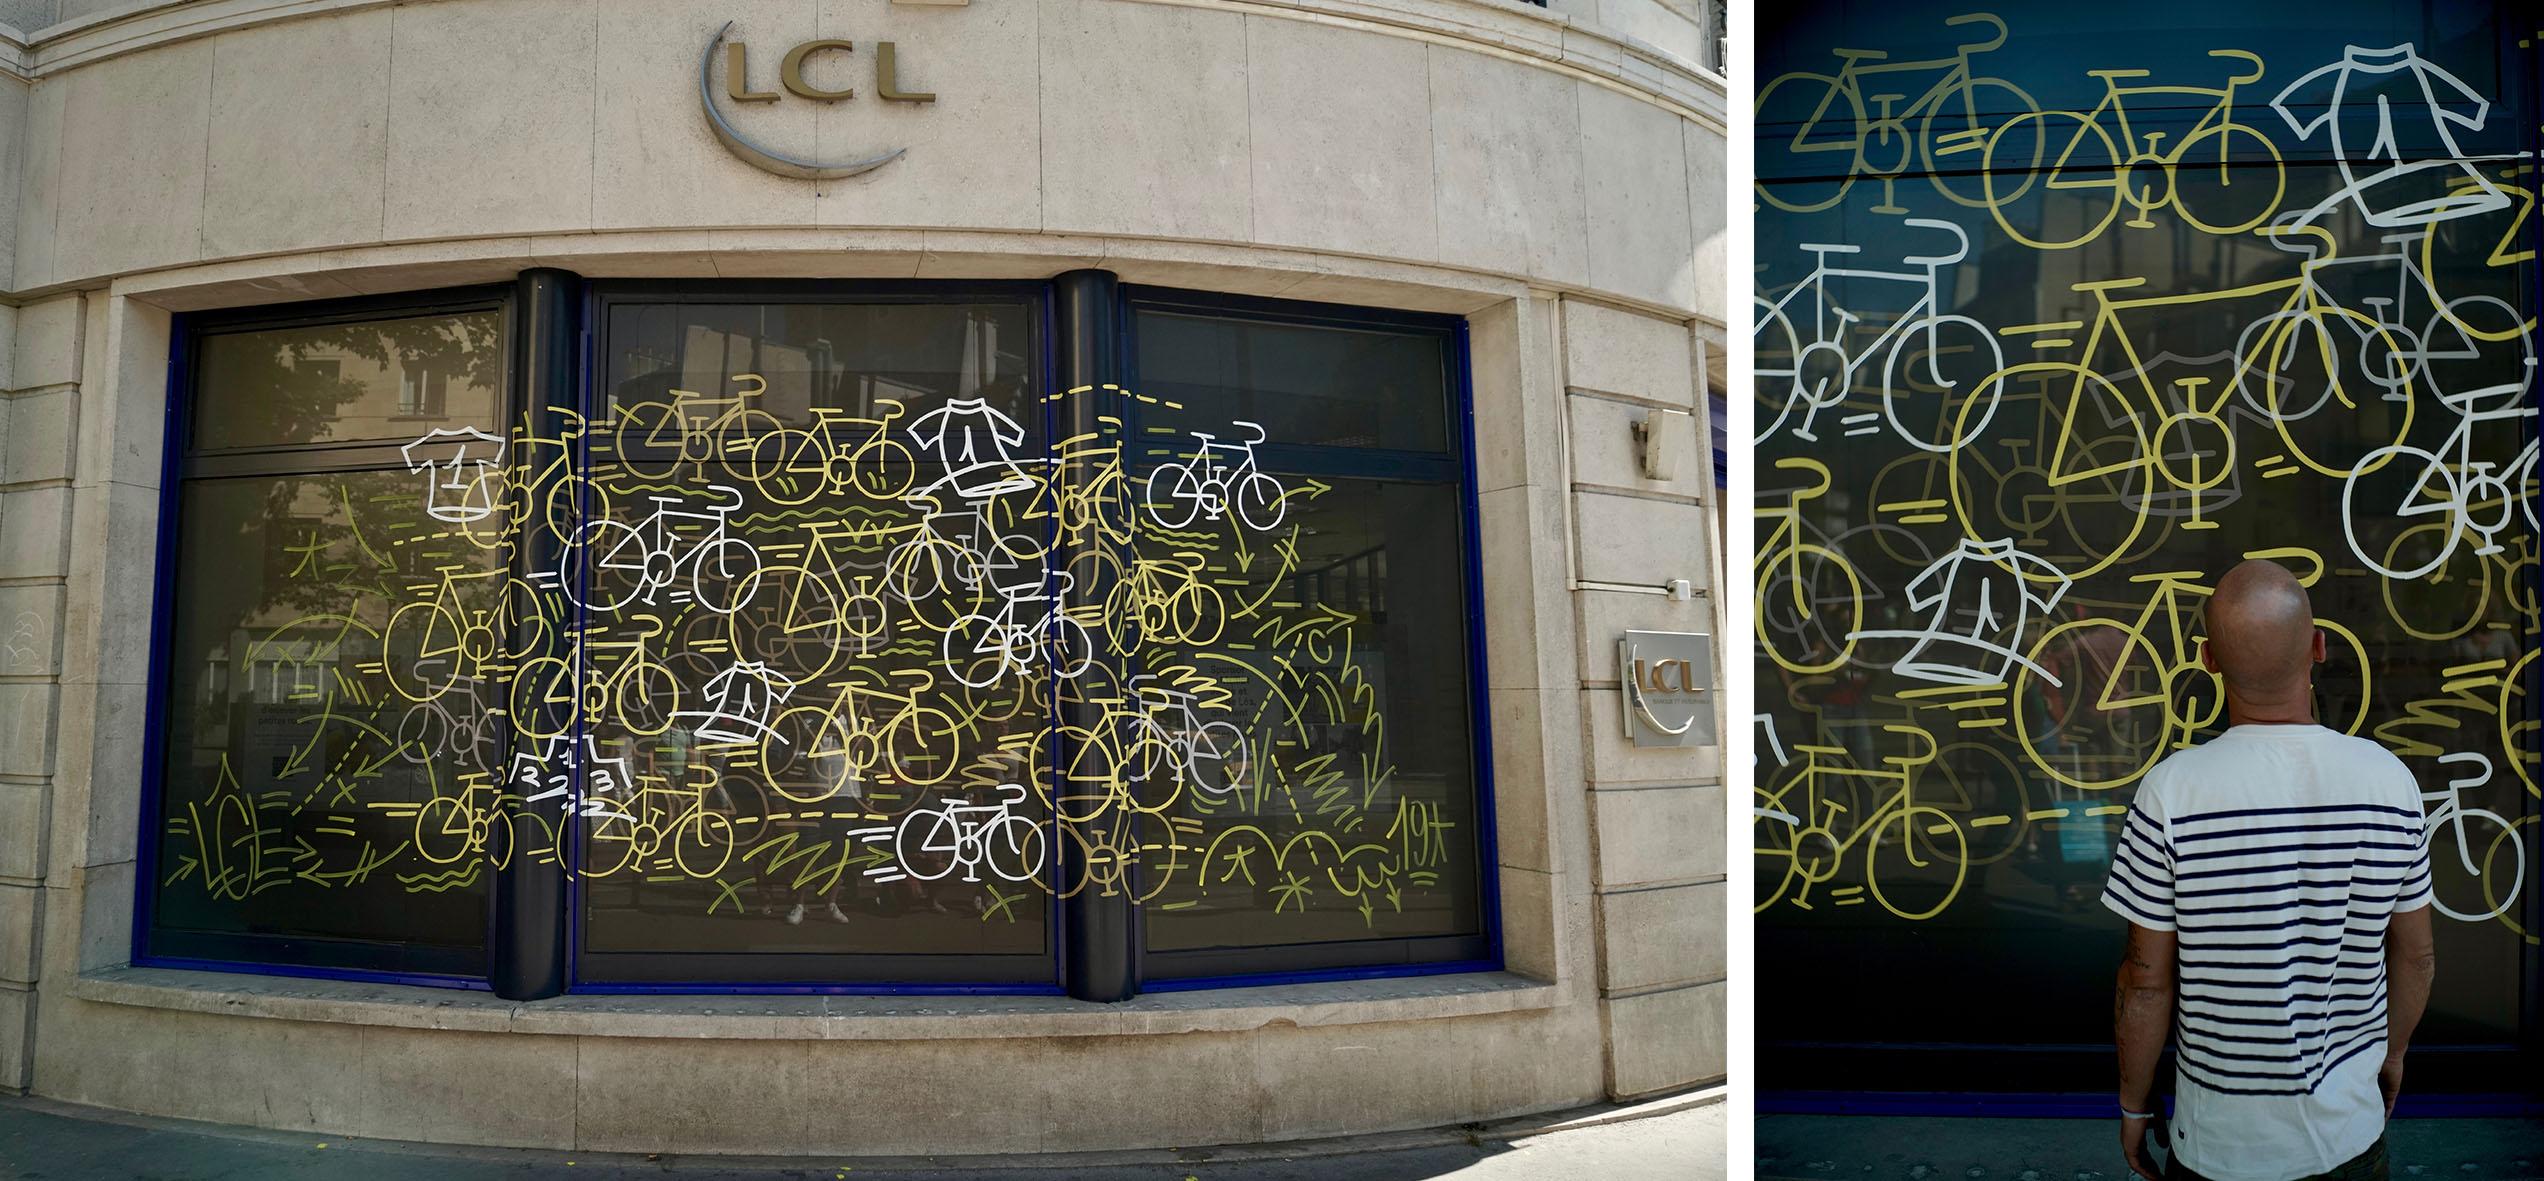 NEWS_ACTUALITE_visuel_double_LCL_debarque_dans_la_street